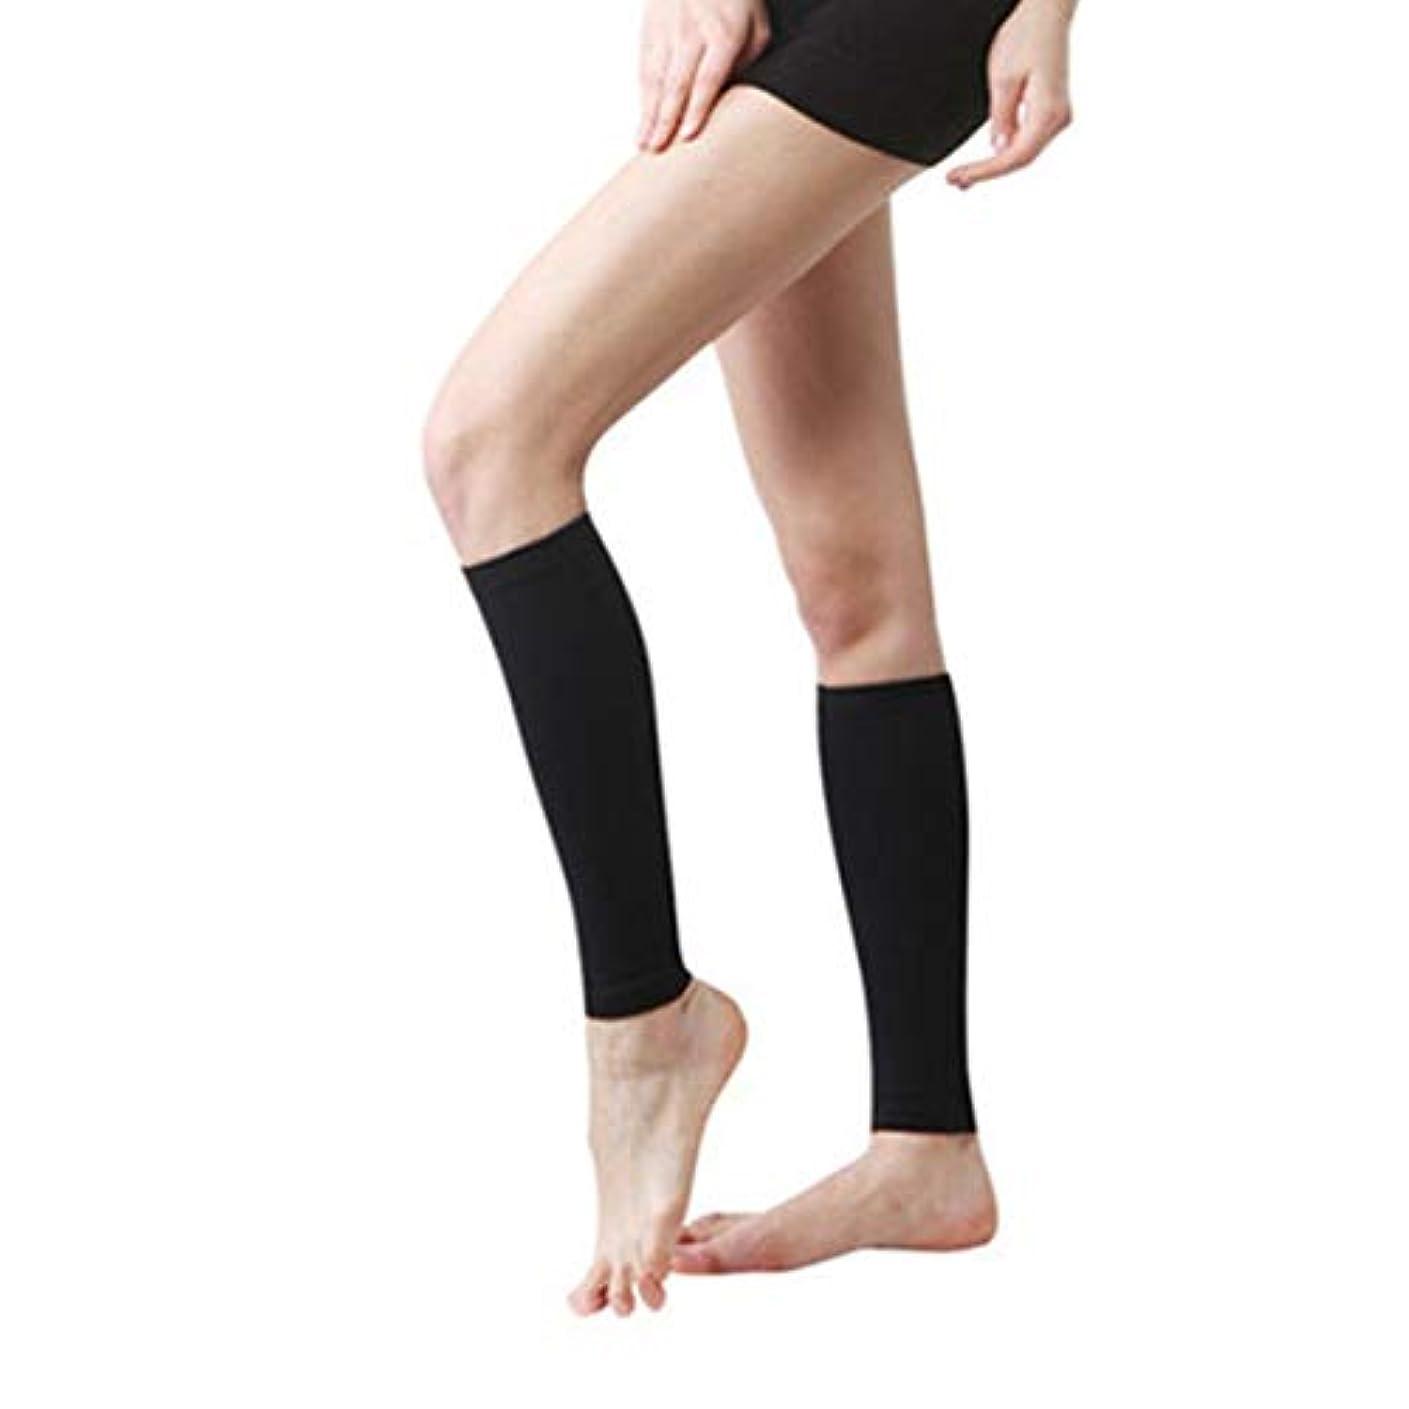 乙女連邦移行する丈夫な男性女性プロの圧縮靴下通気性のある旅行活動看護師用シンススプリントフライトトラベル - ブラック